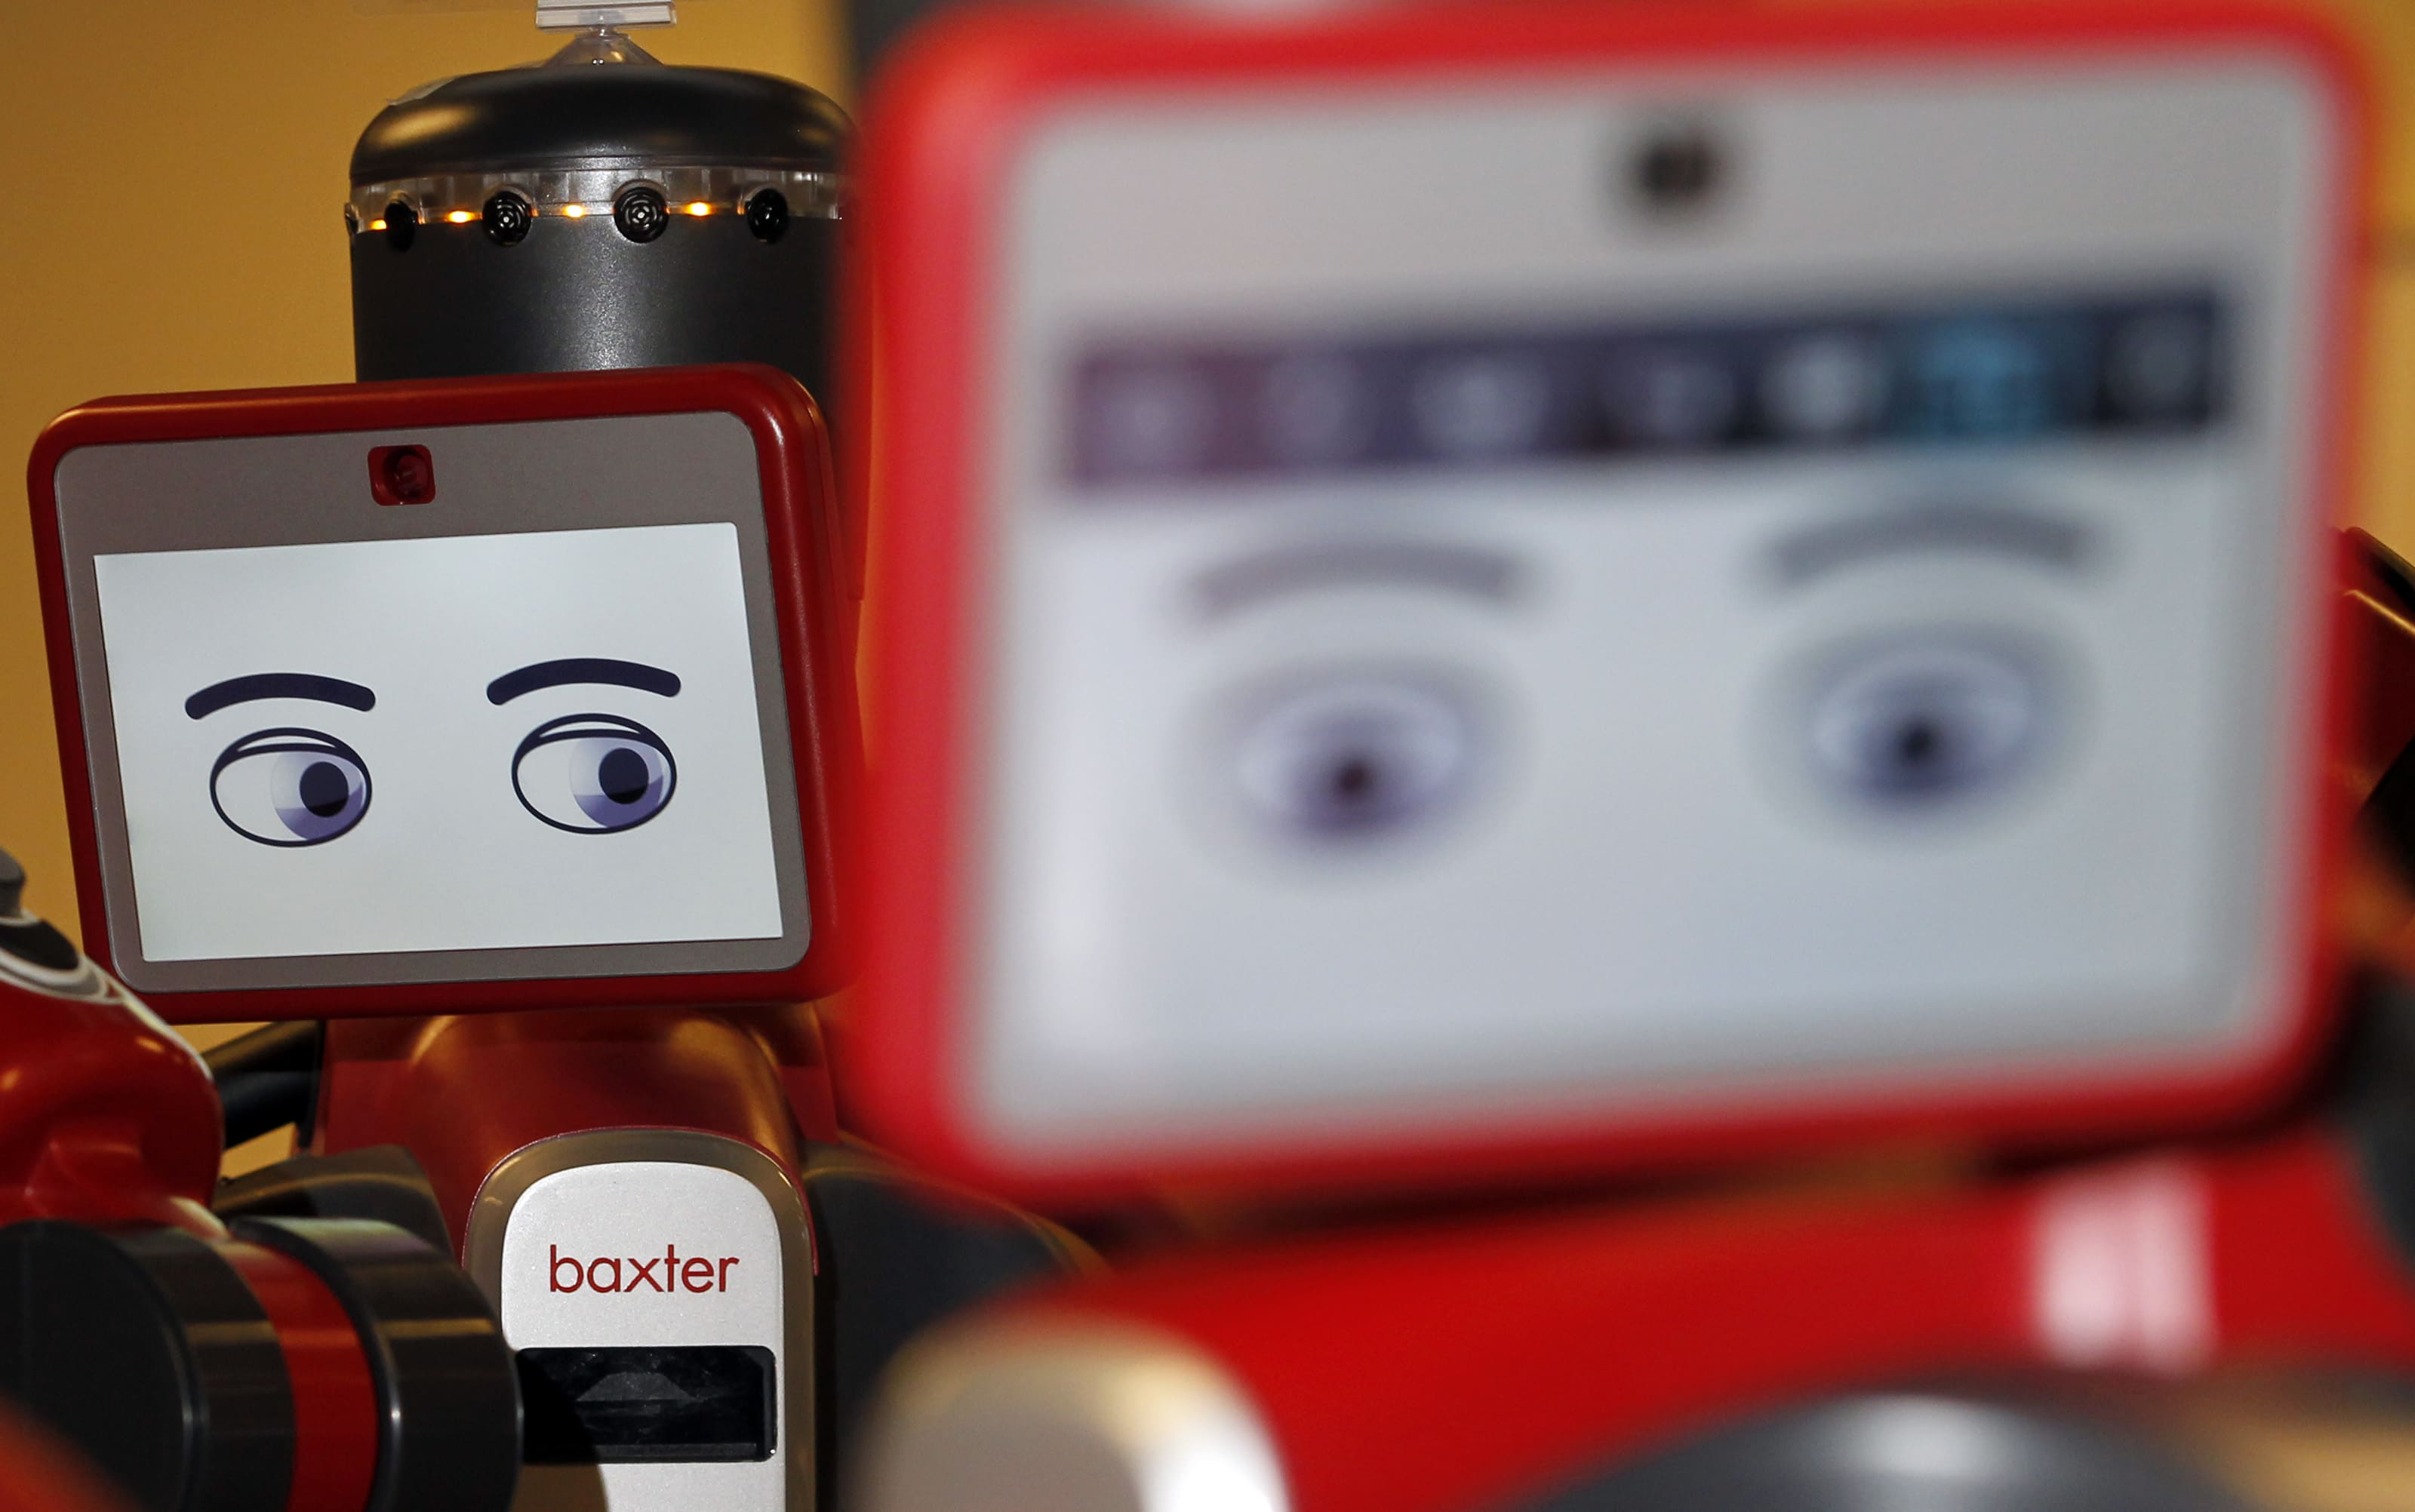 Baxter robots